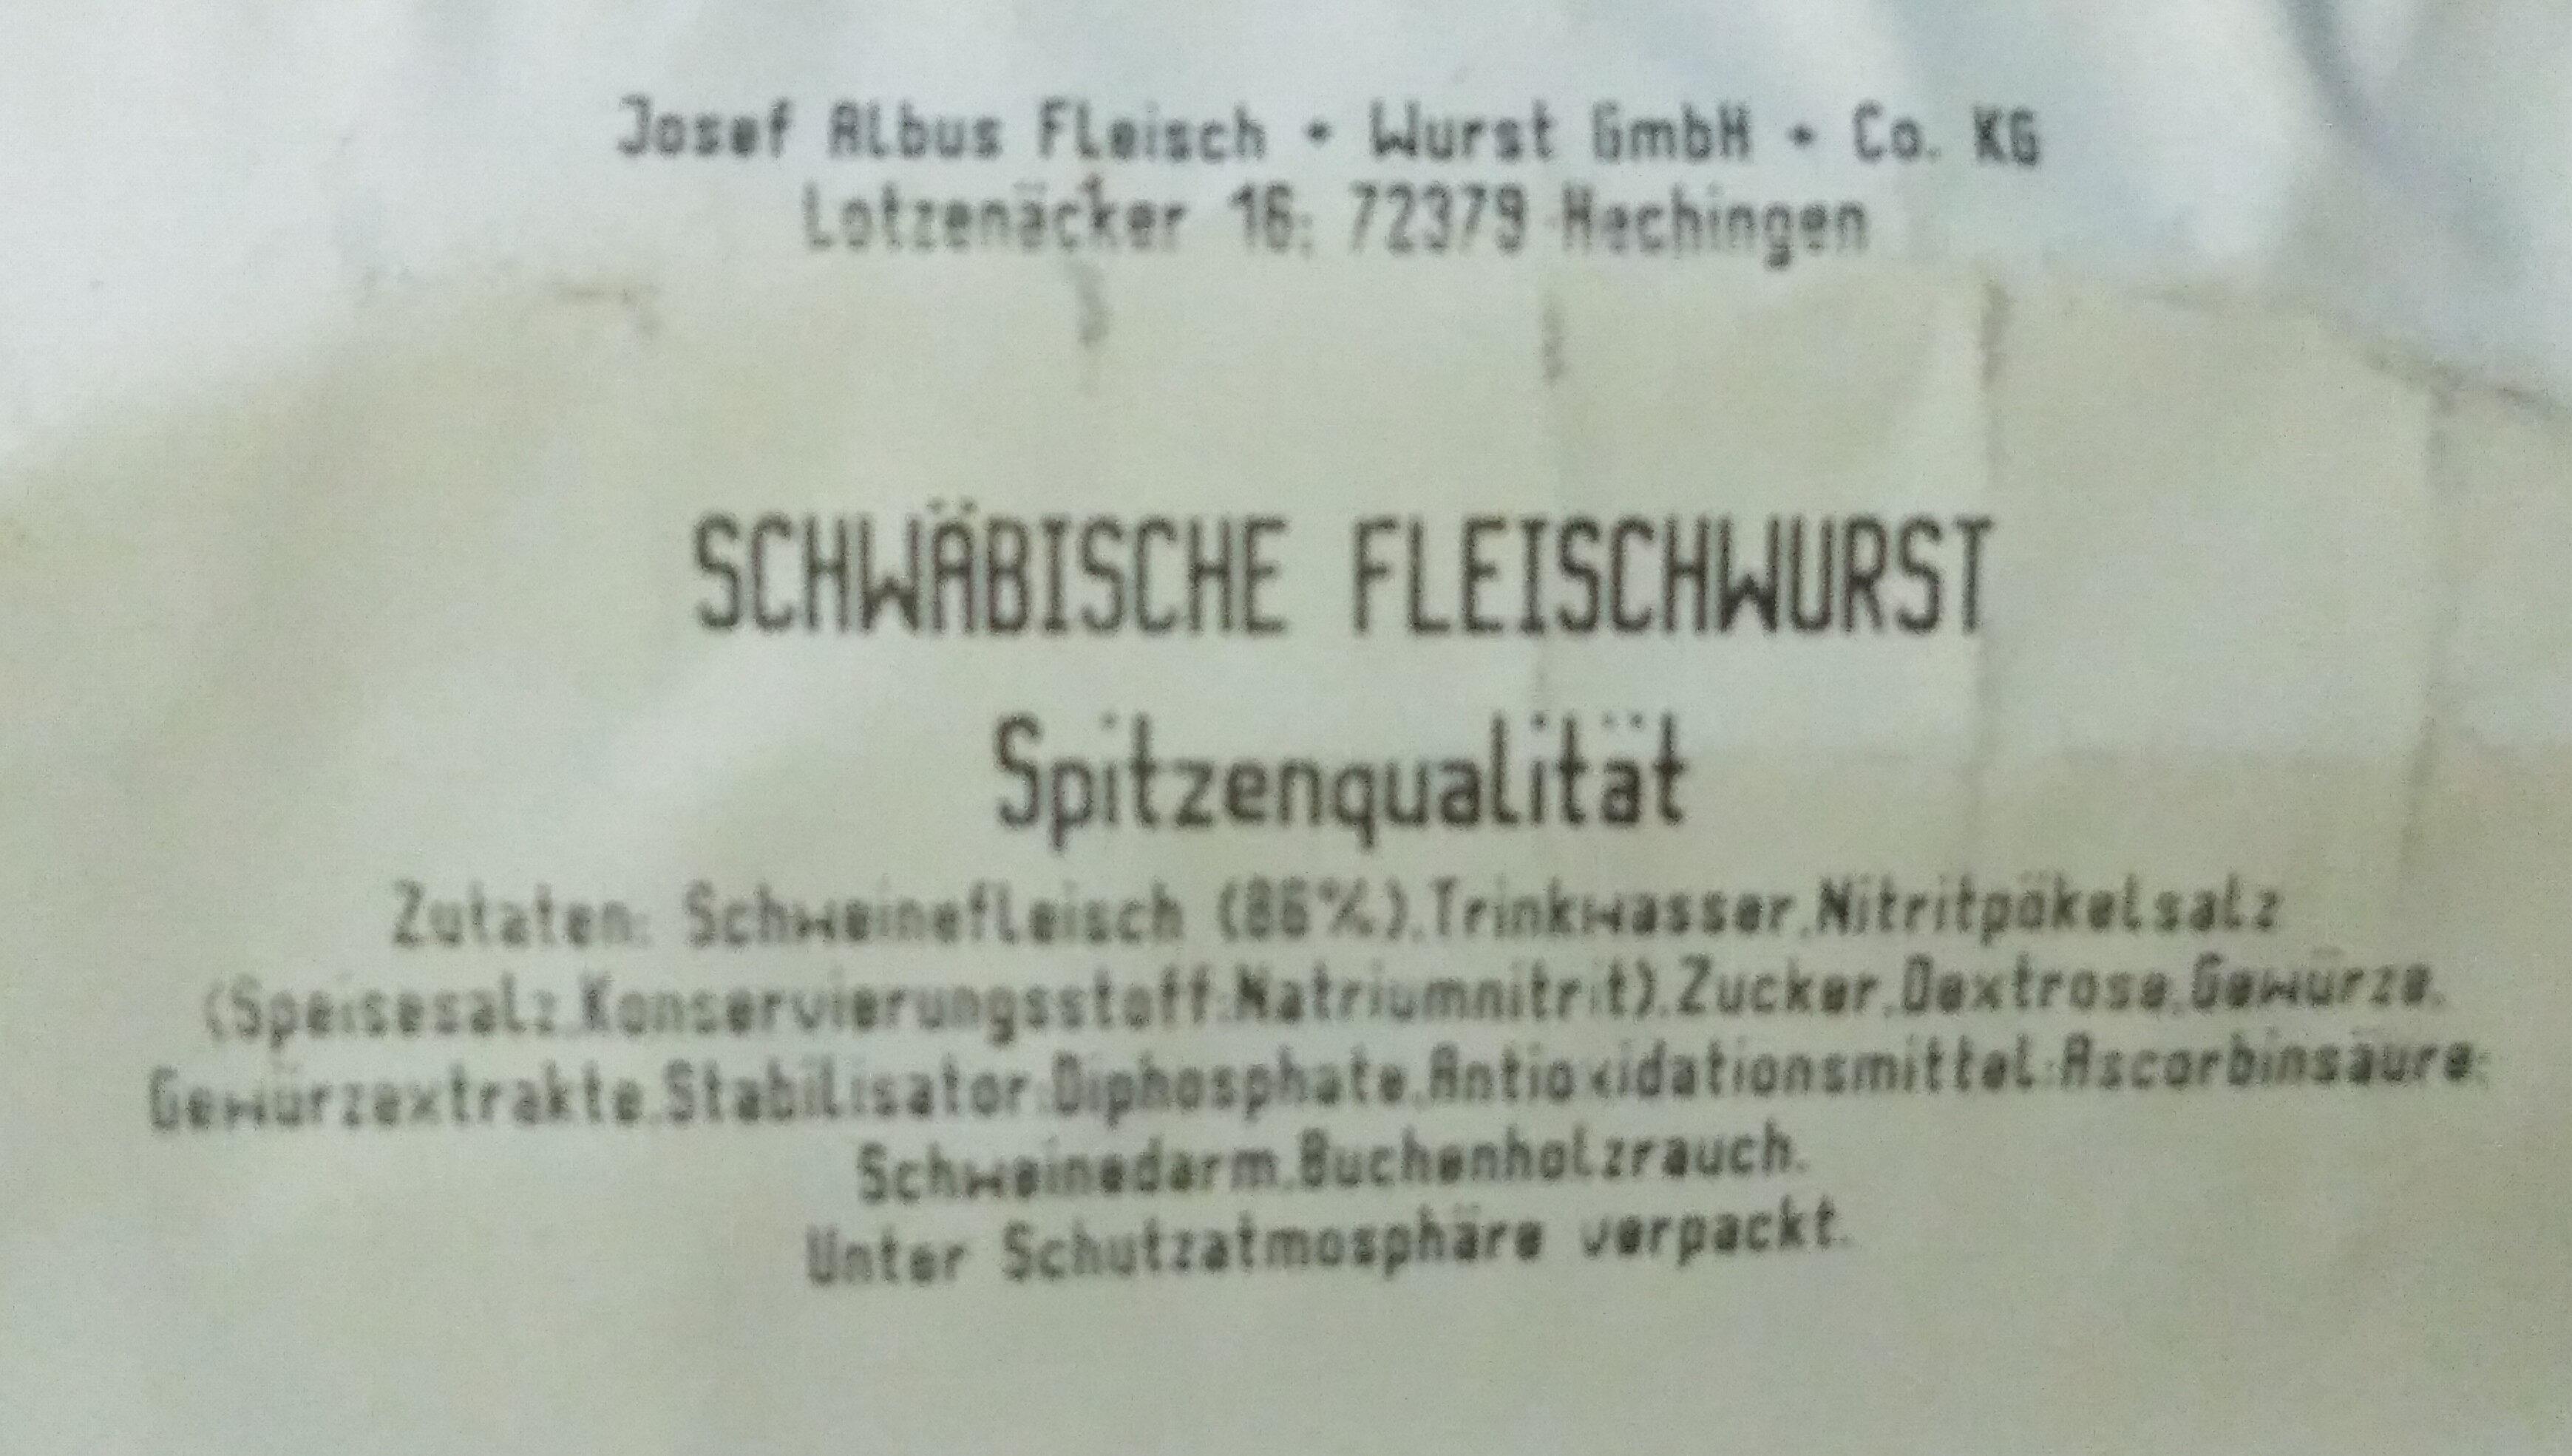 SCHWÄBISCHE FLEISCHWURST - Ingrédients